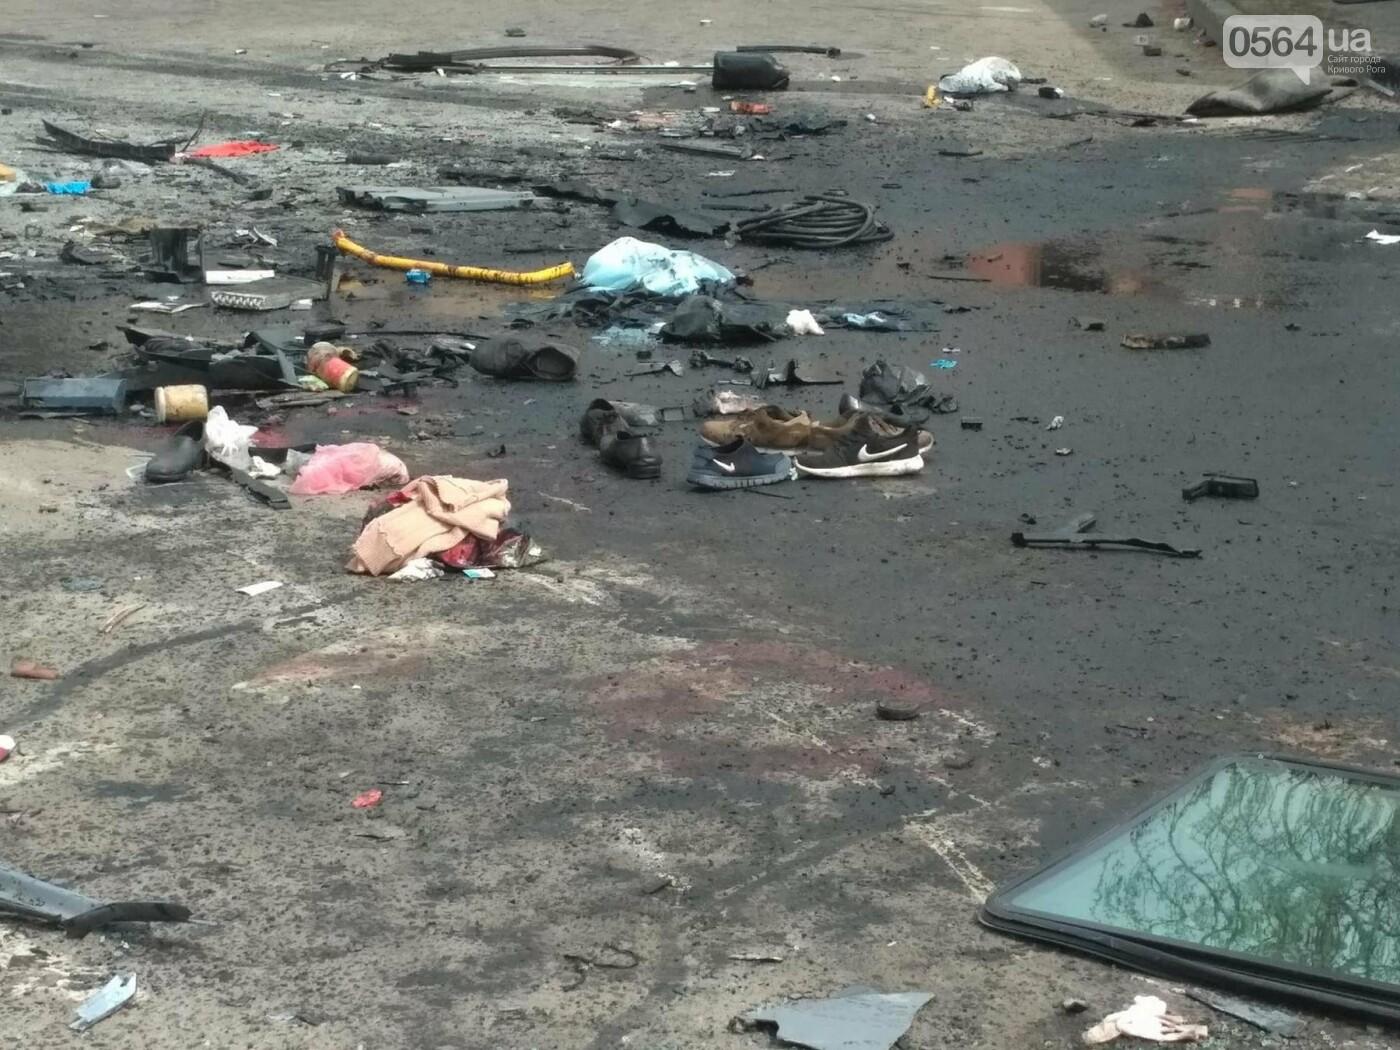 В Кривом Роге убирают место, где в результате аварии погибли 8 человек (ФОТО), фото-3